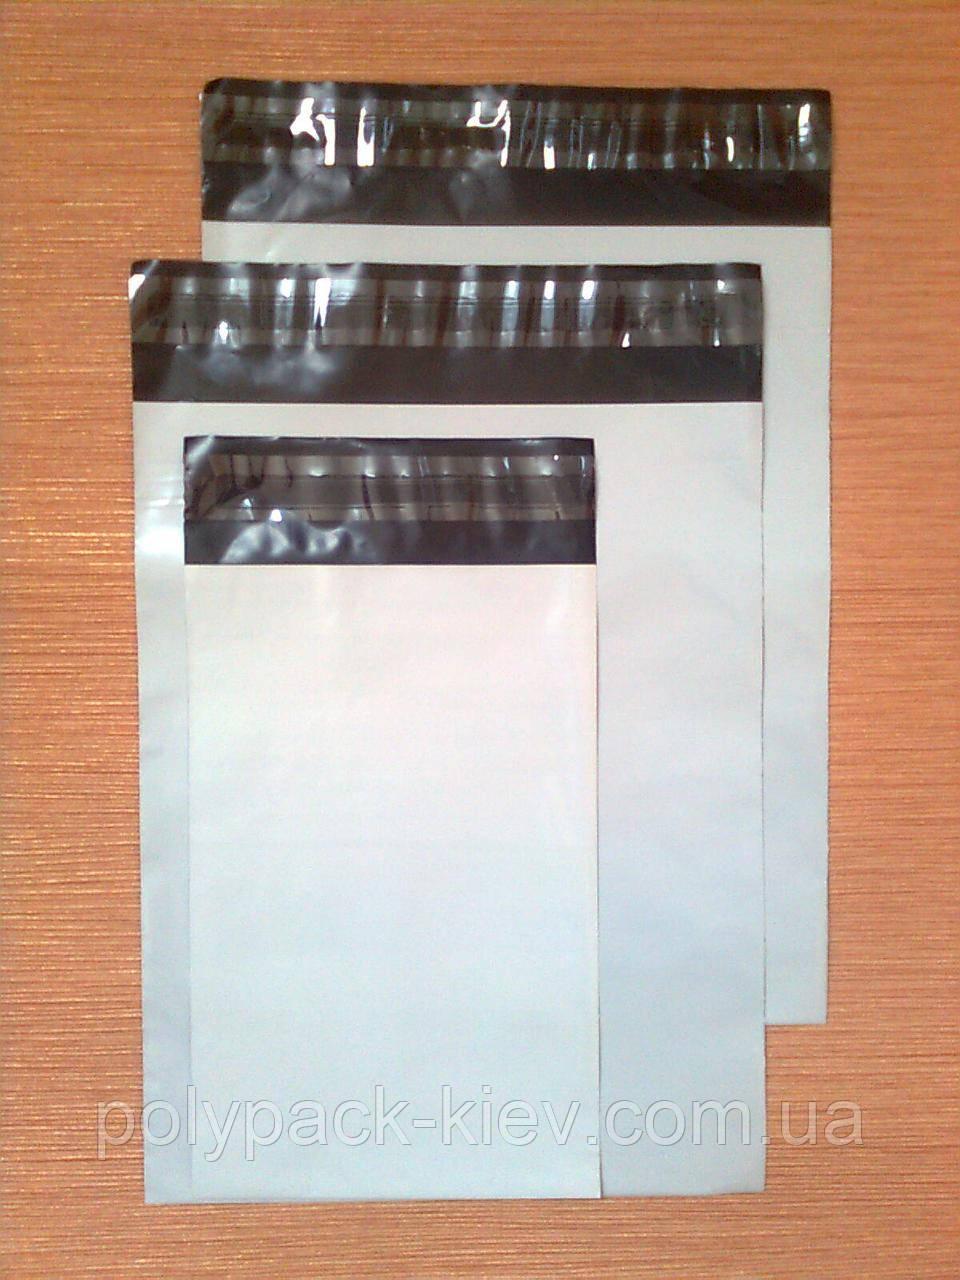 Кур'єрські пакети А3 (300*400 мм), кур'єрський пакет з клейкою стрічкою, поліетиленові пакети з клапаном